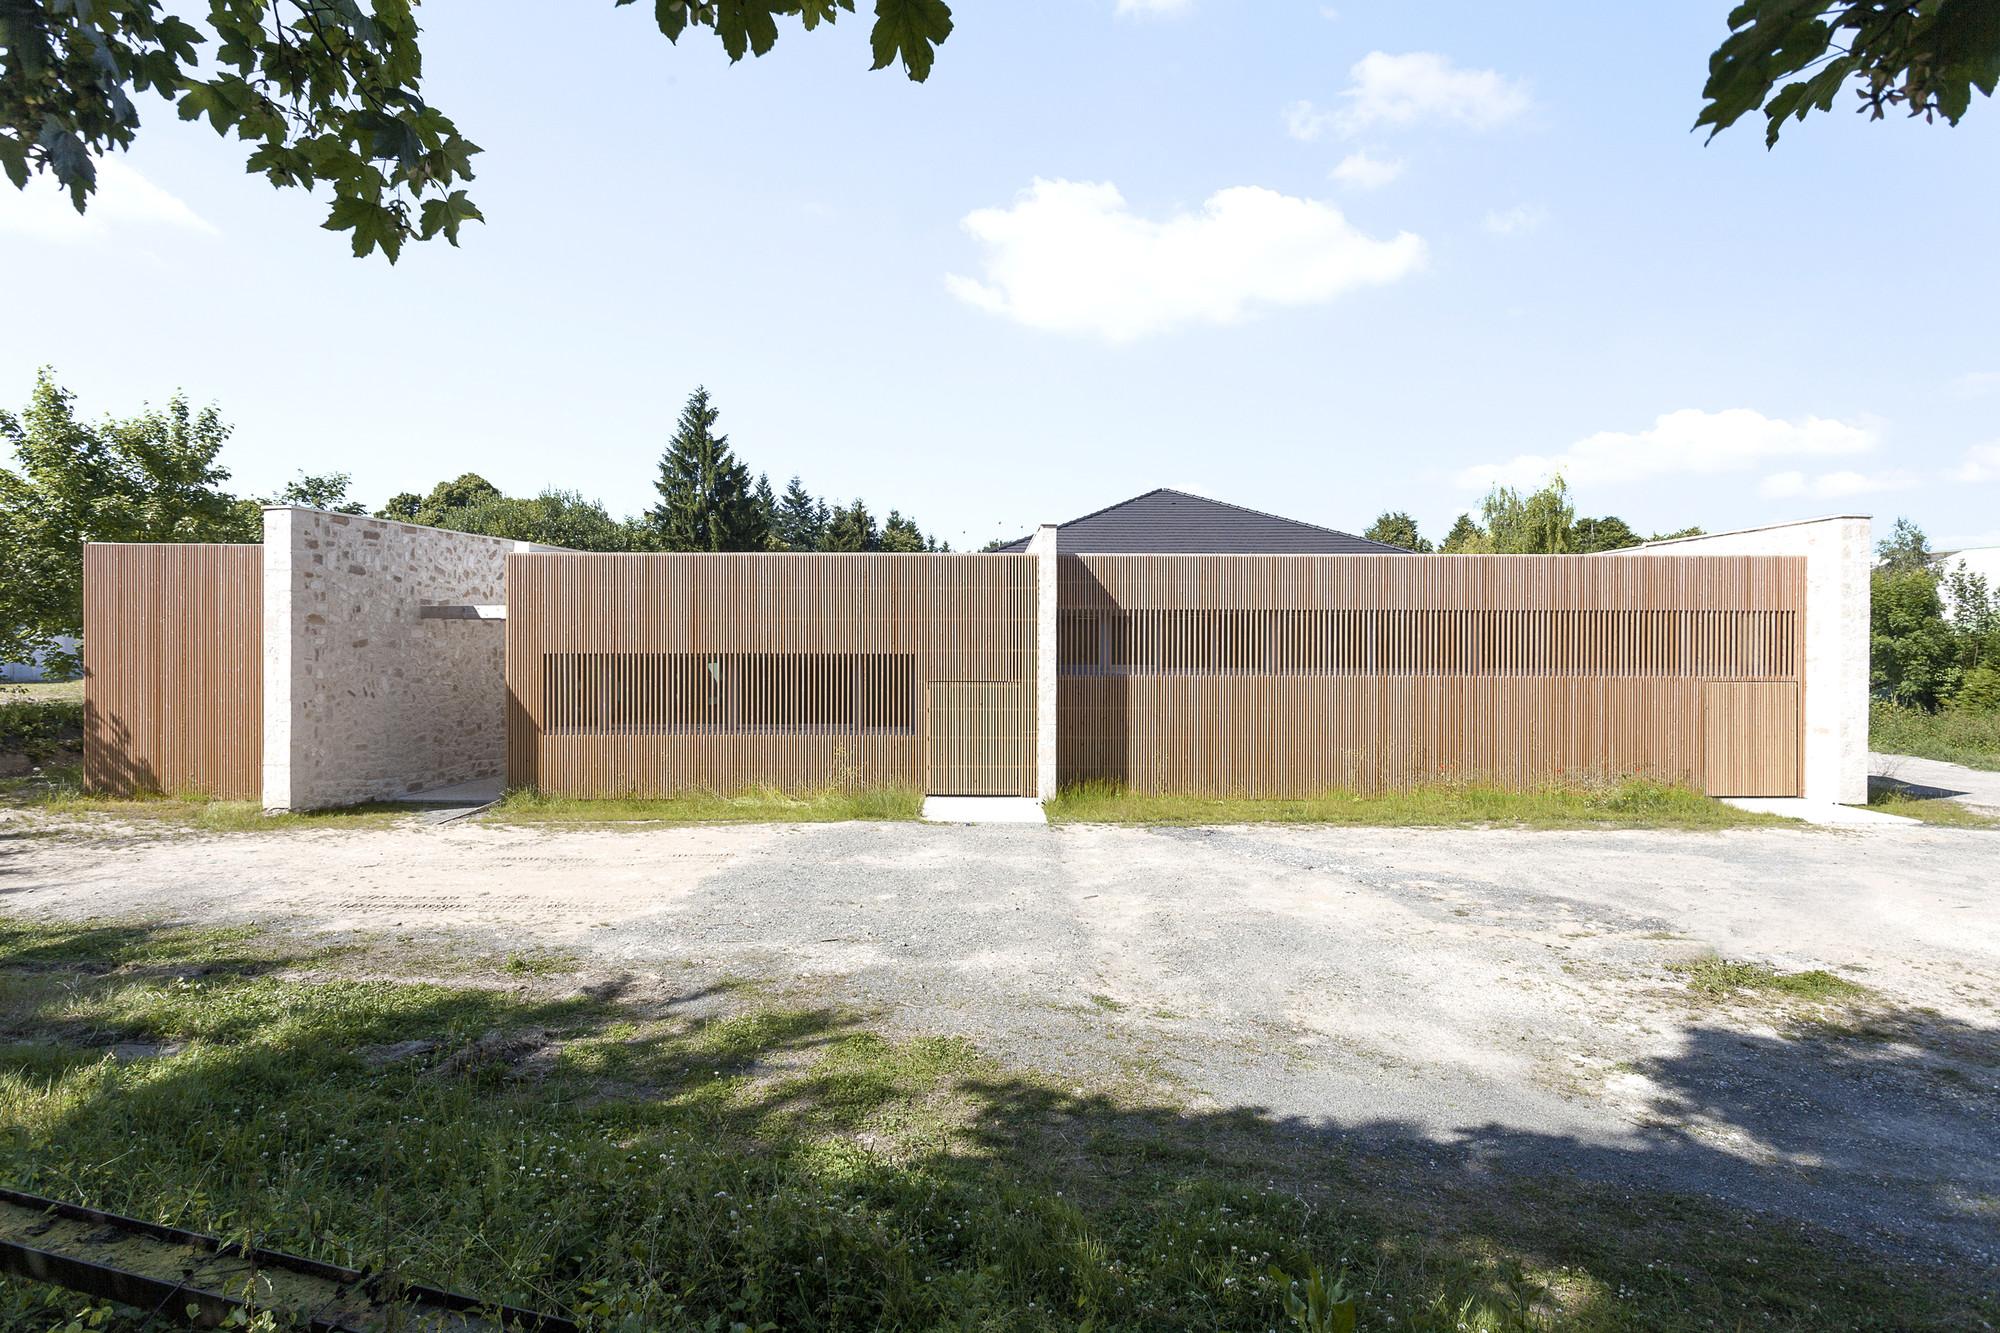 Centre Culturel Lesigny / Atelier208, © A. Leclercq